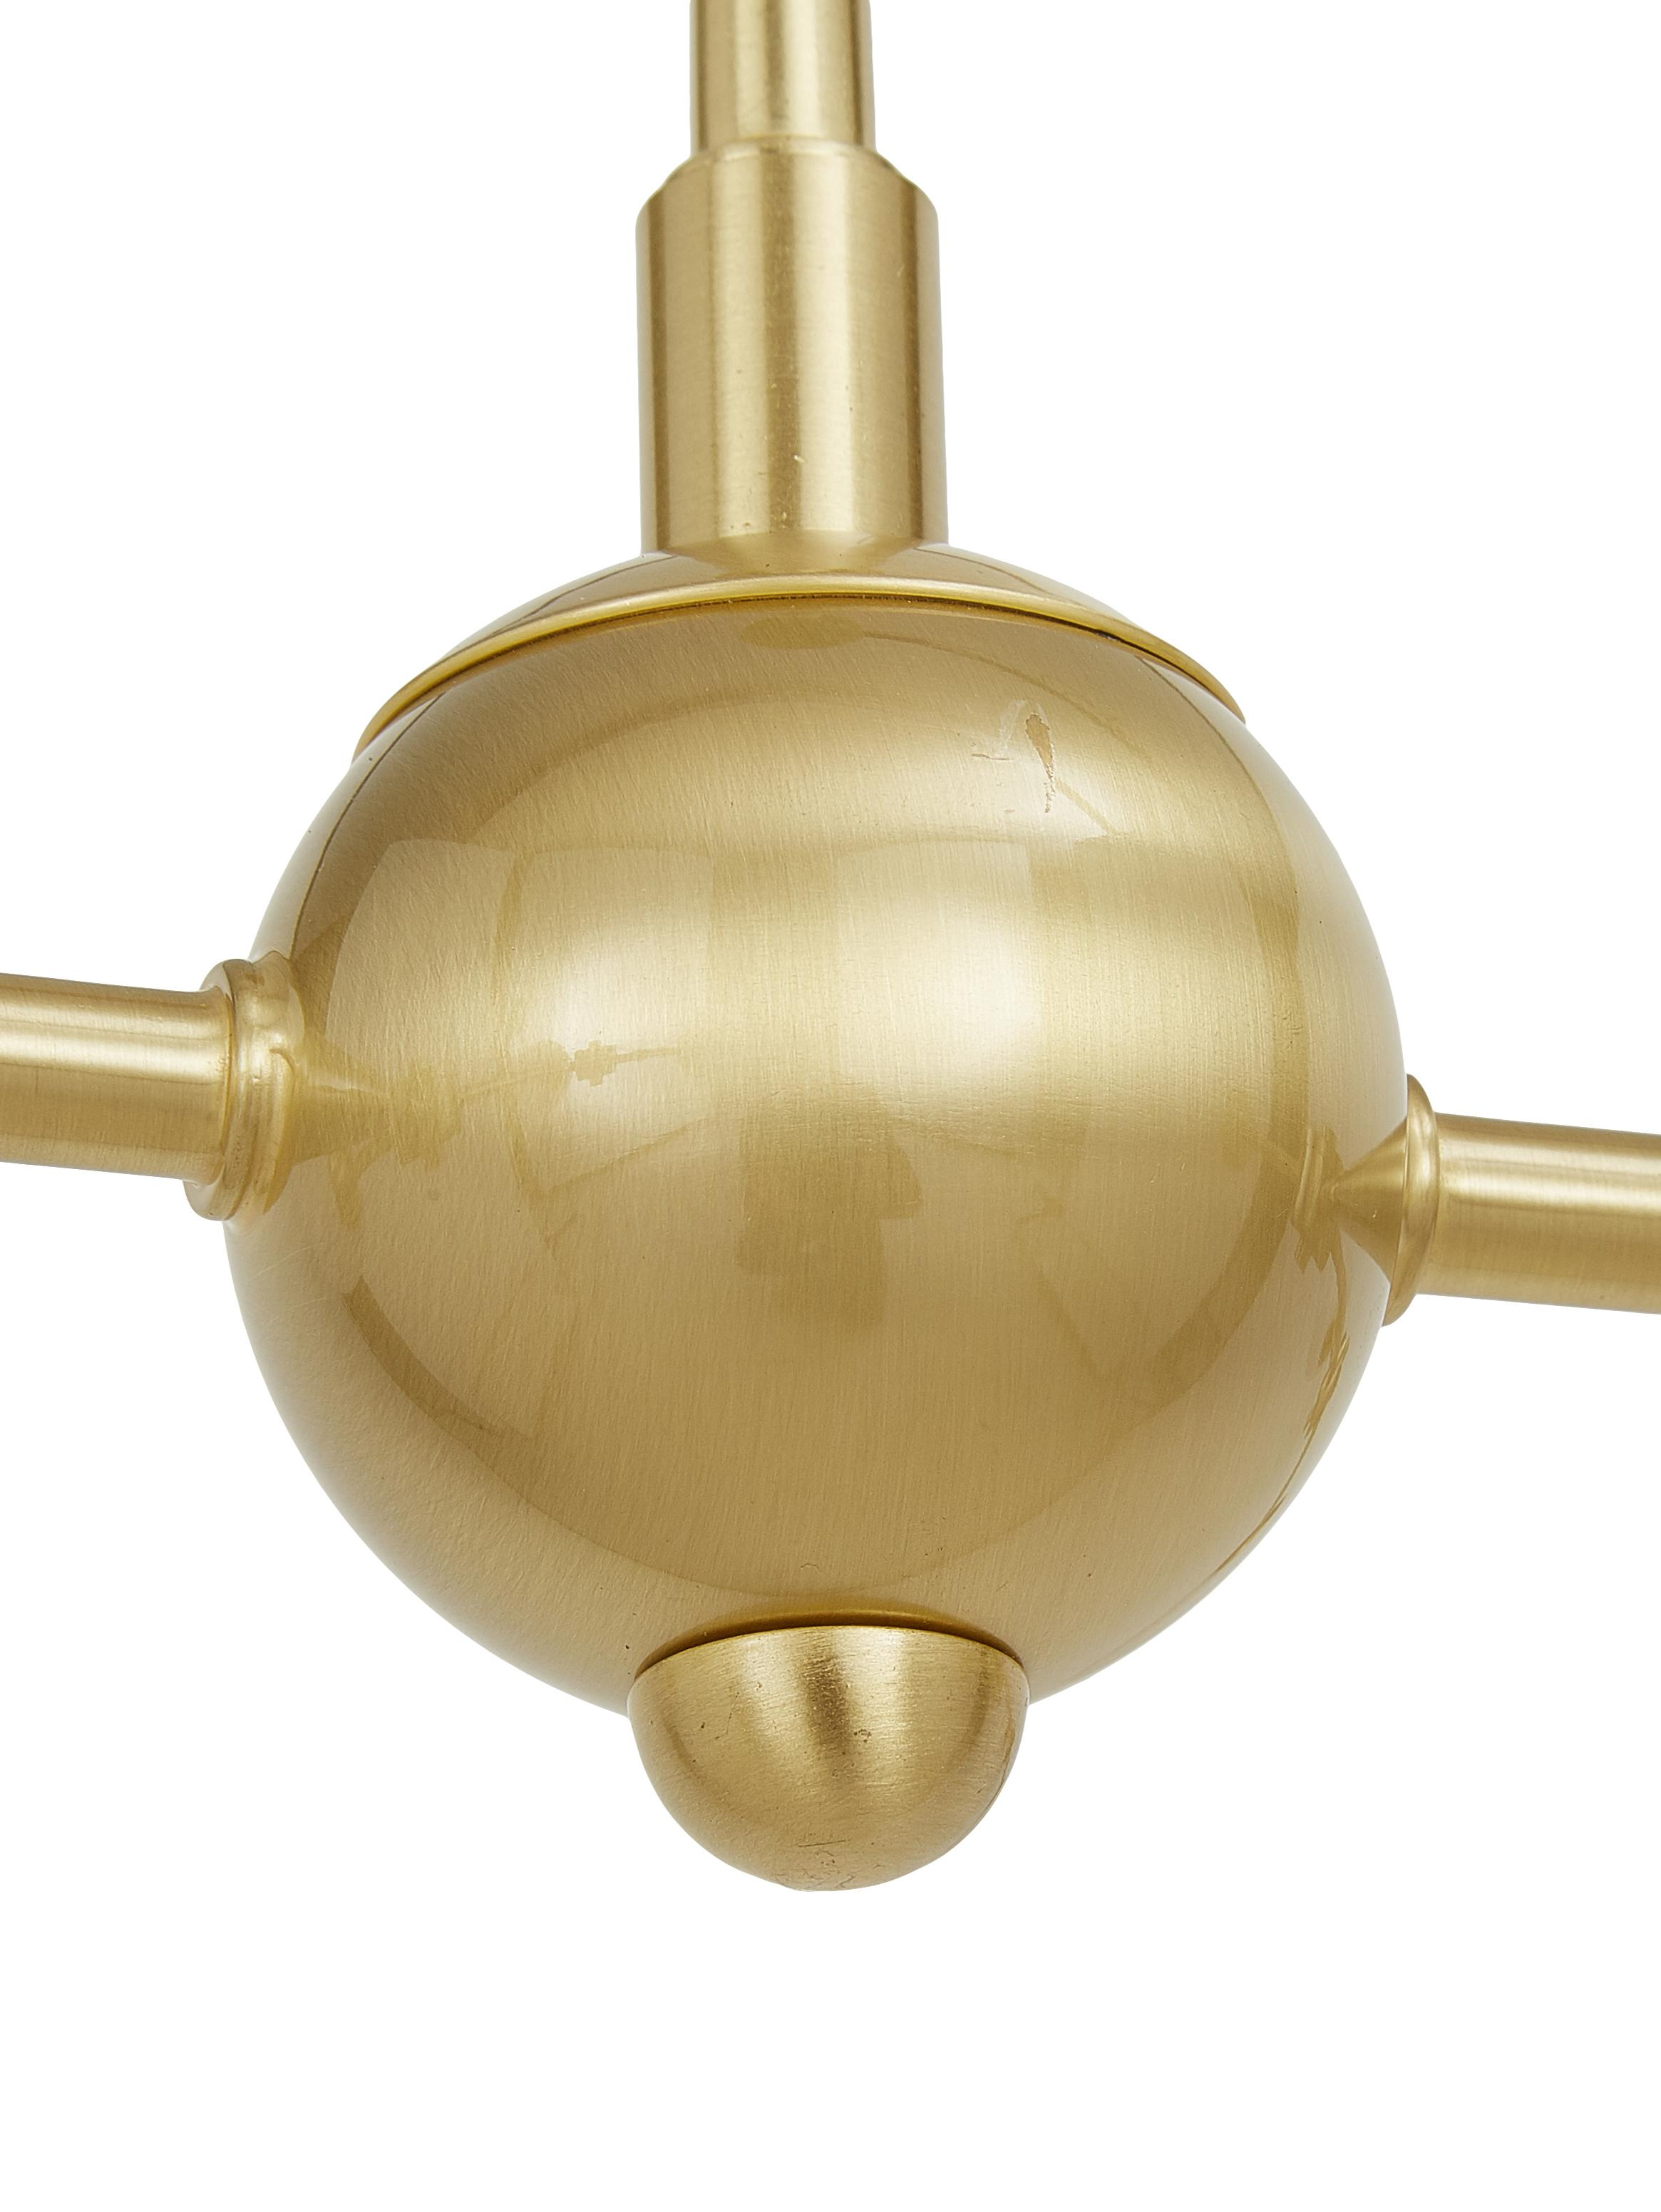 Grosse Pendelleuchte Aurelia in Gold, Weiss, Messing, 110 x 68 cm